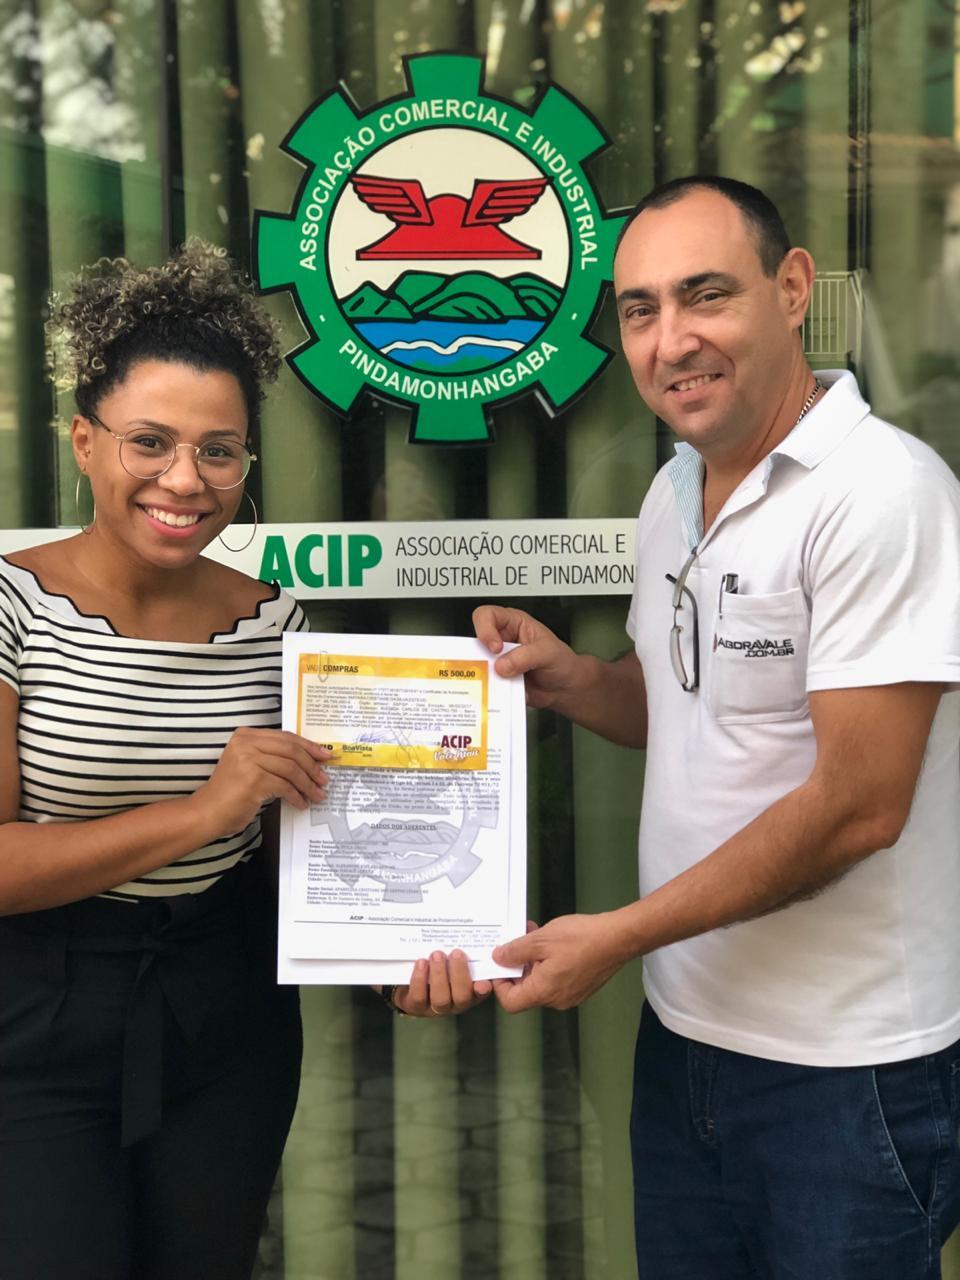 Ganhadoras da promoção ACIP Vale Mais recebem vale-compras